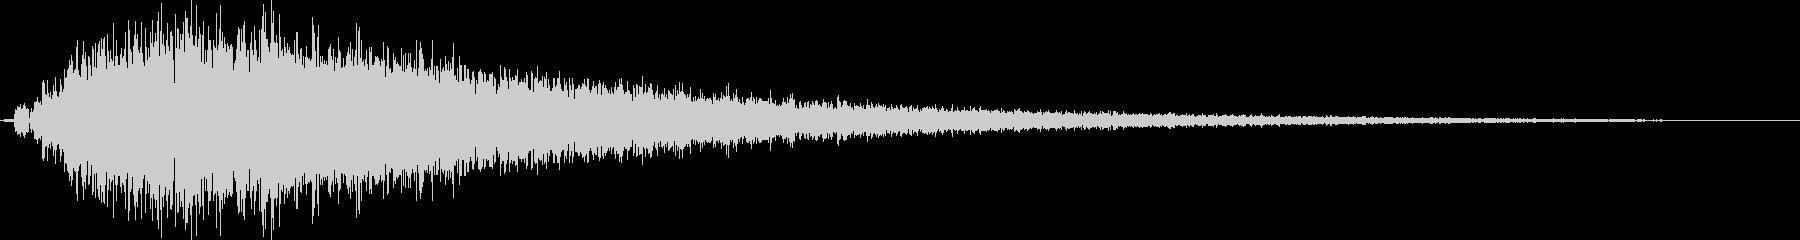 シャキーン_シンセ系のイメージ音の未再生の波形